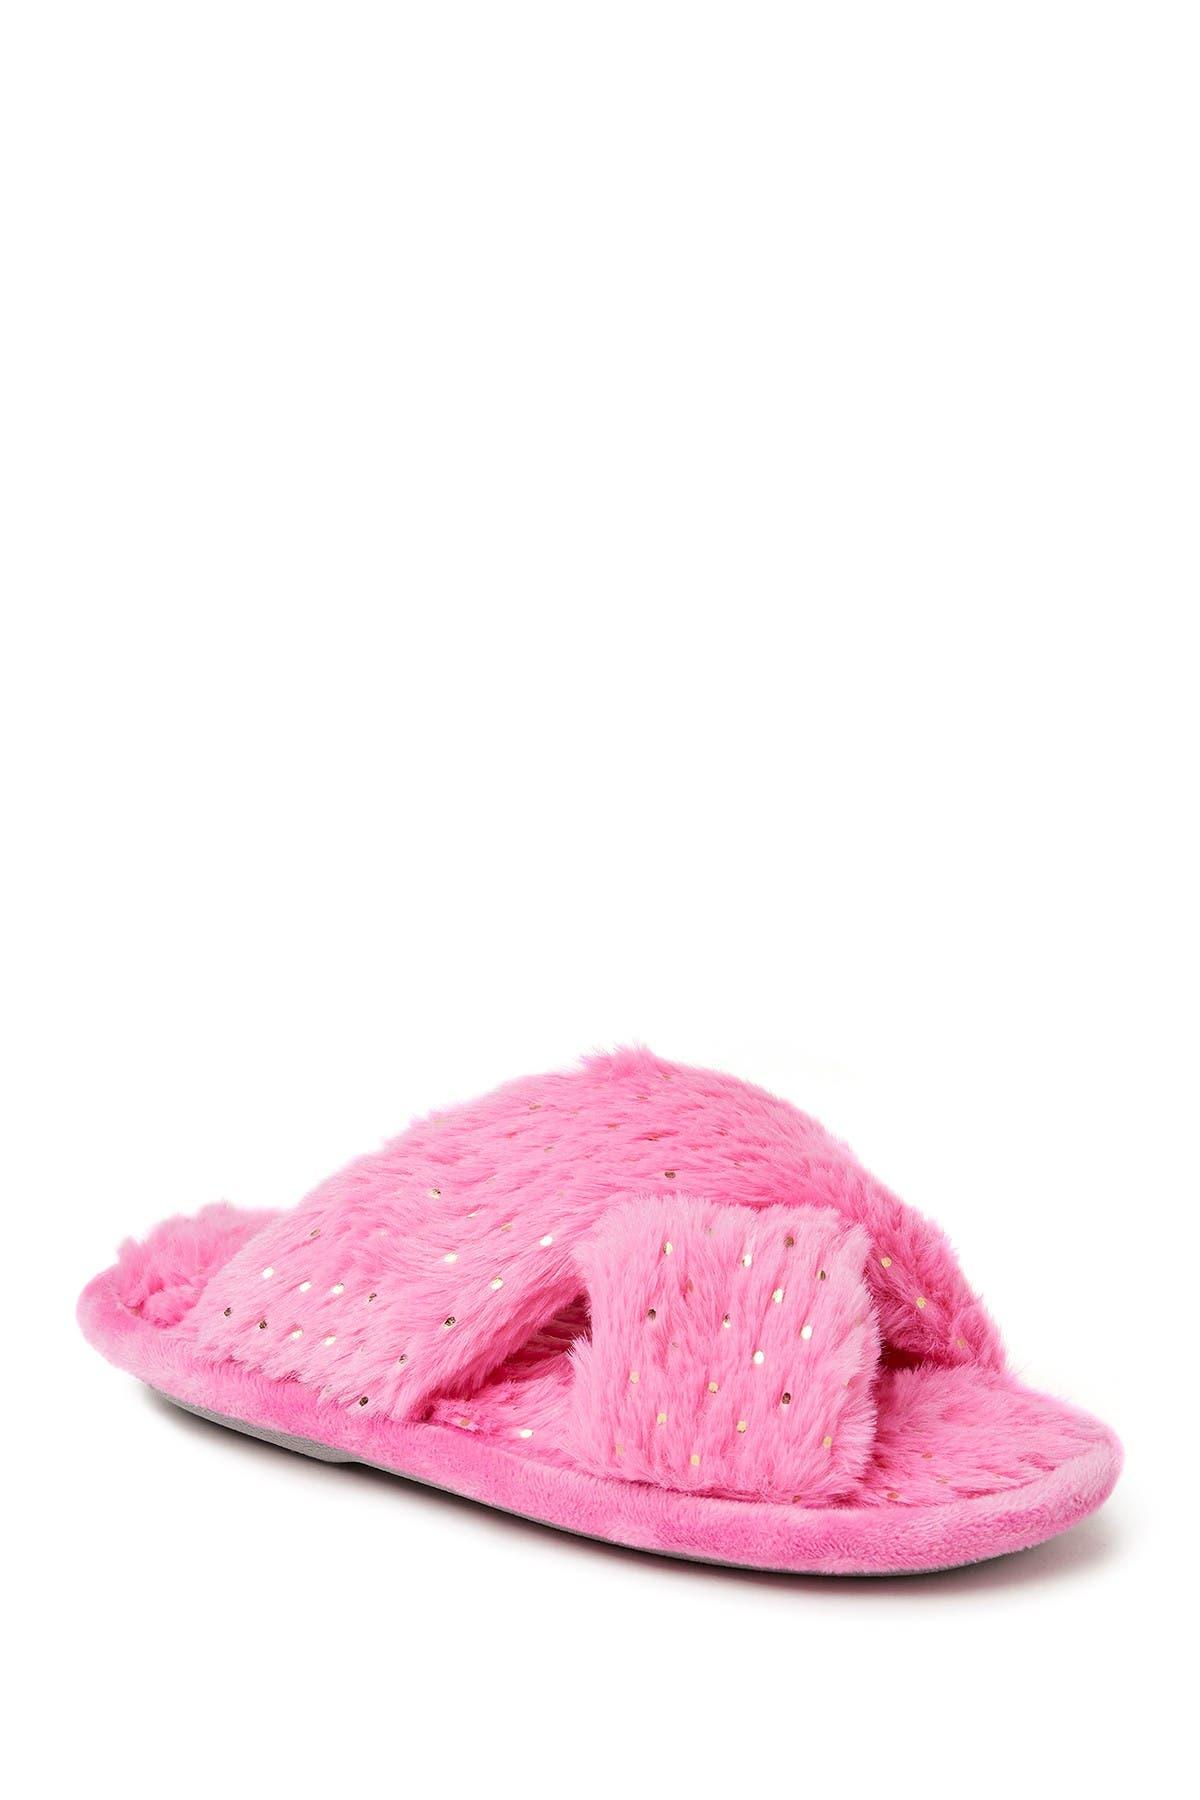 Image of Dearfoams Ava Faux Fur Sparkle Crossband Slipper